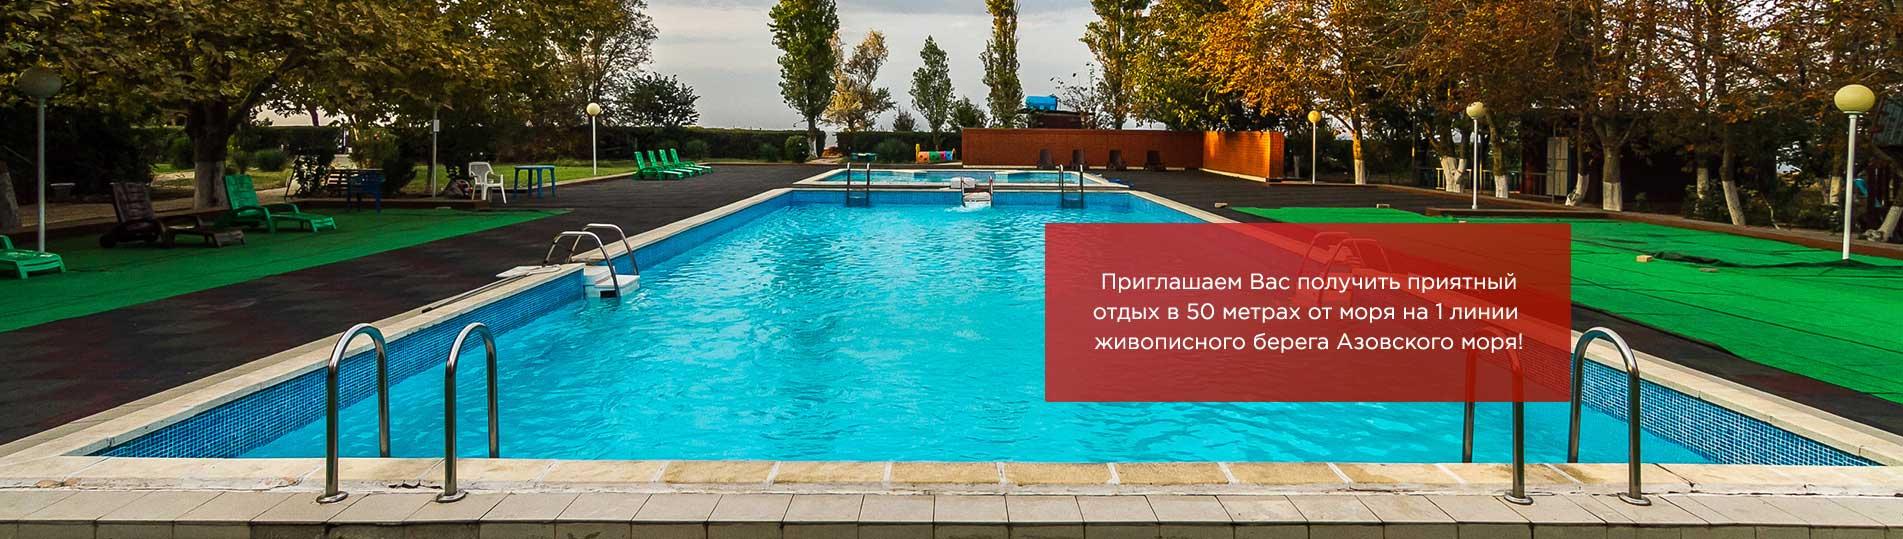 отели на азовском море с бассейном